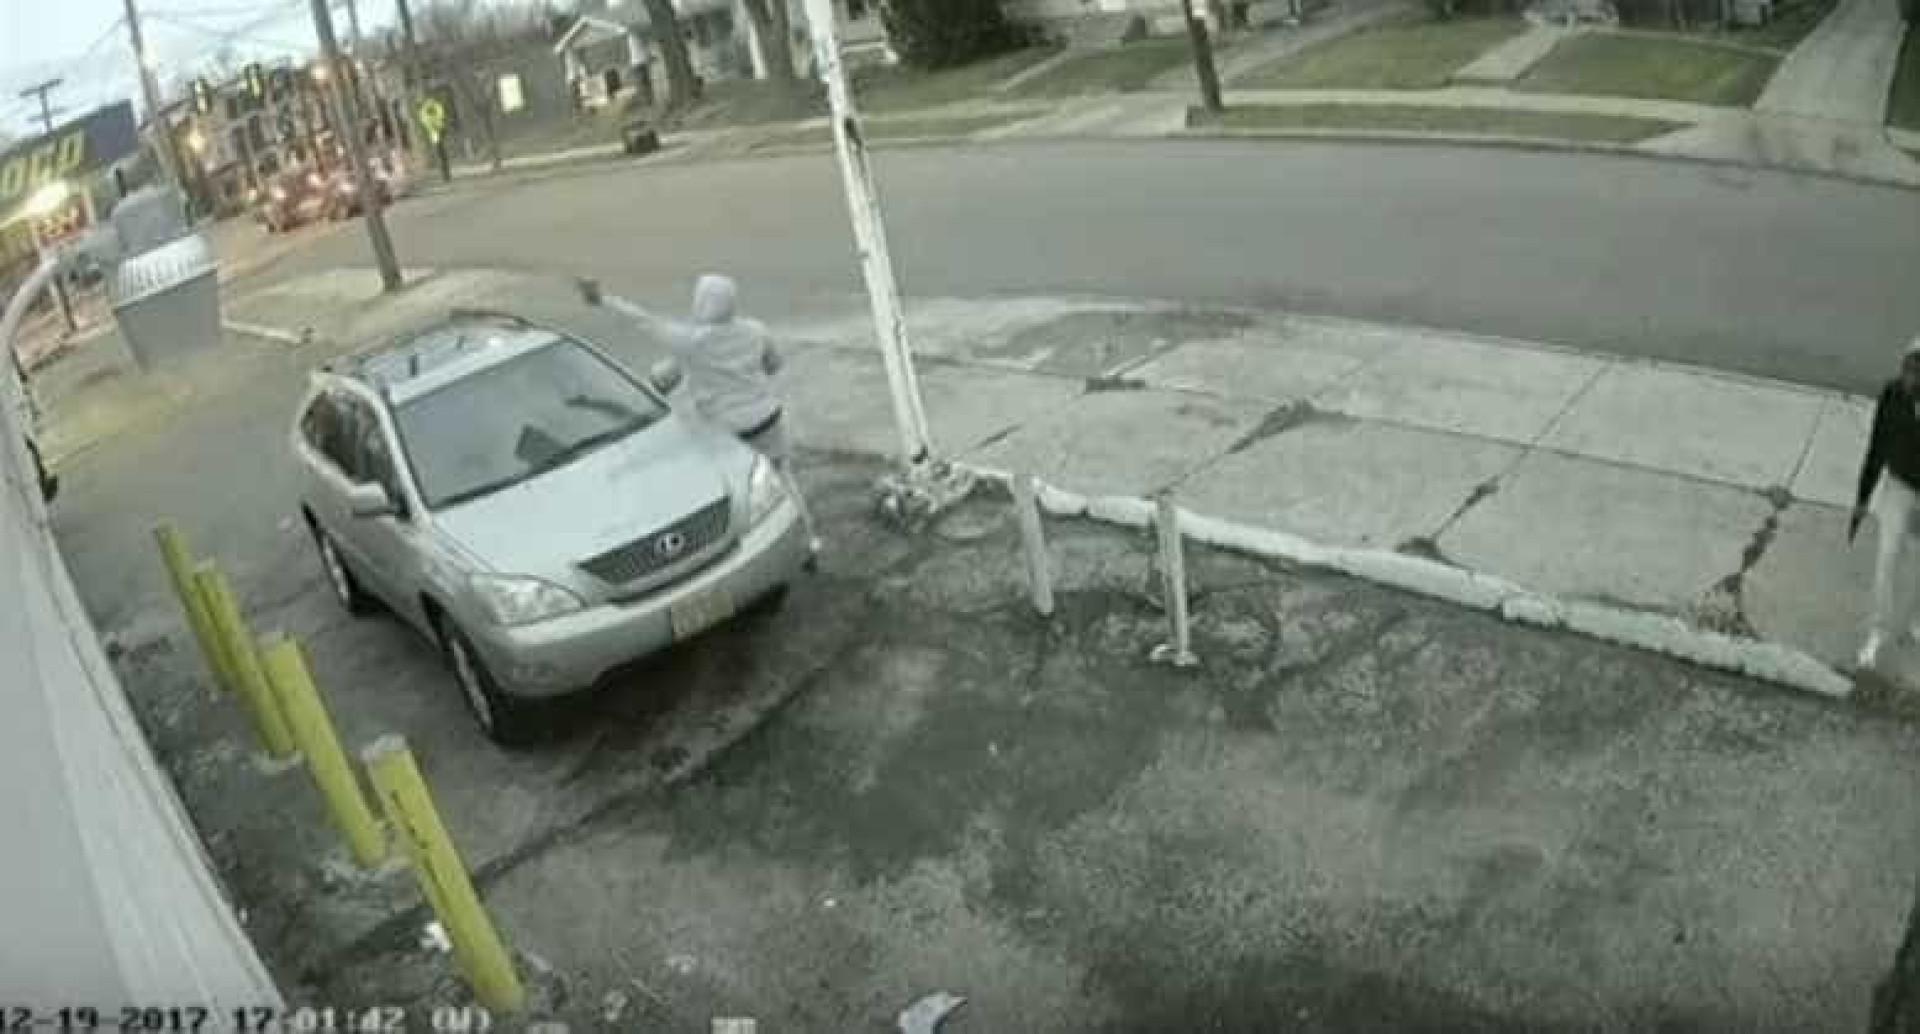 Imagens mostram tiroteio entre gangues que deixou menina de 7 anos ferida